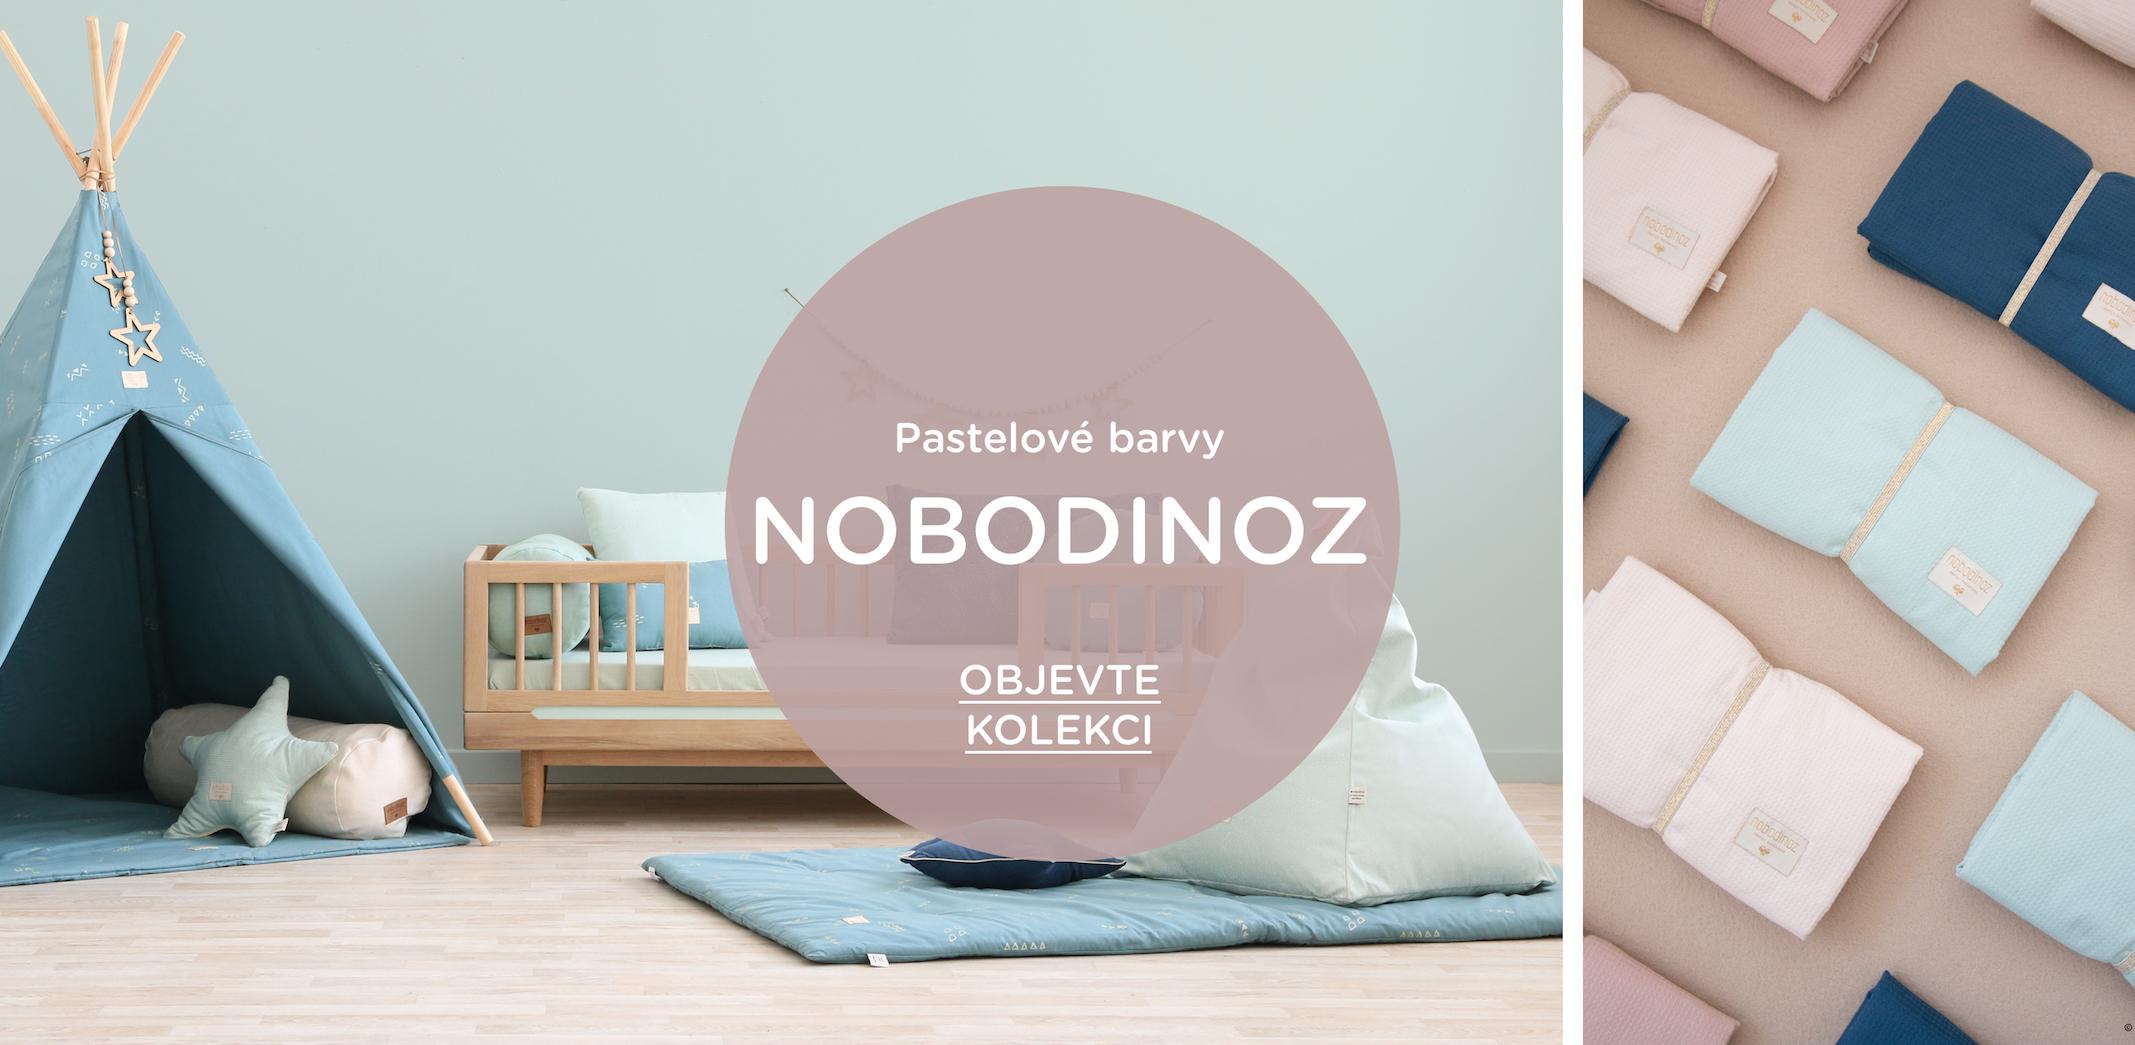 Nová kolekce od Nobodinoz plná pastelových barev.